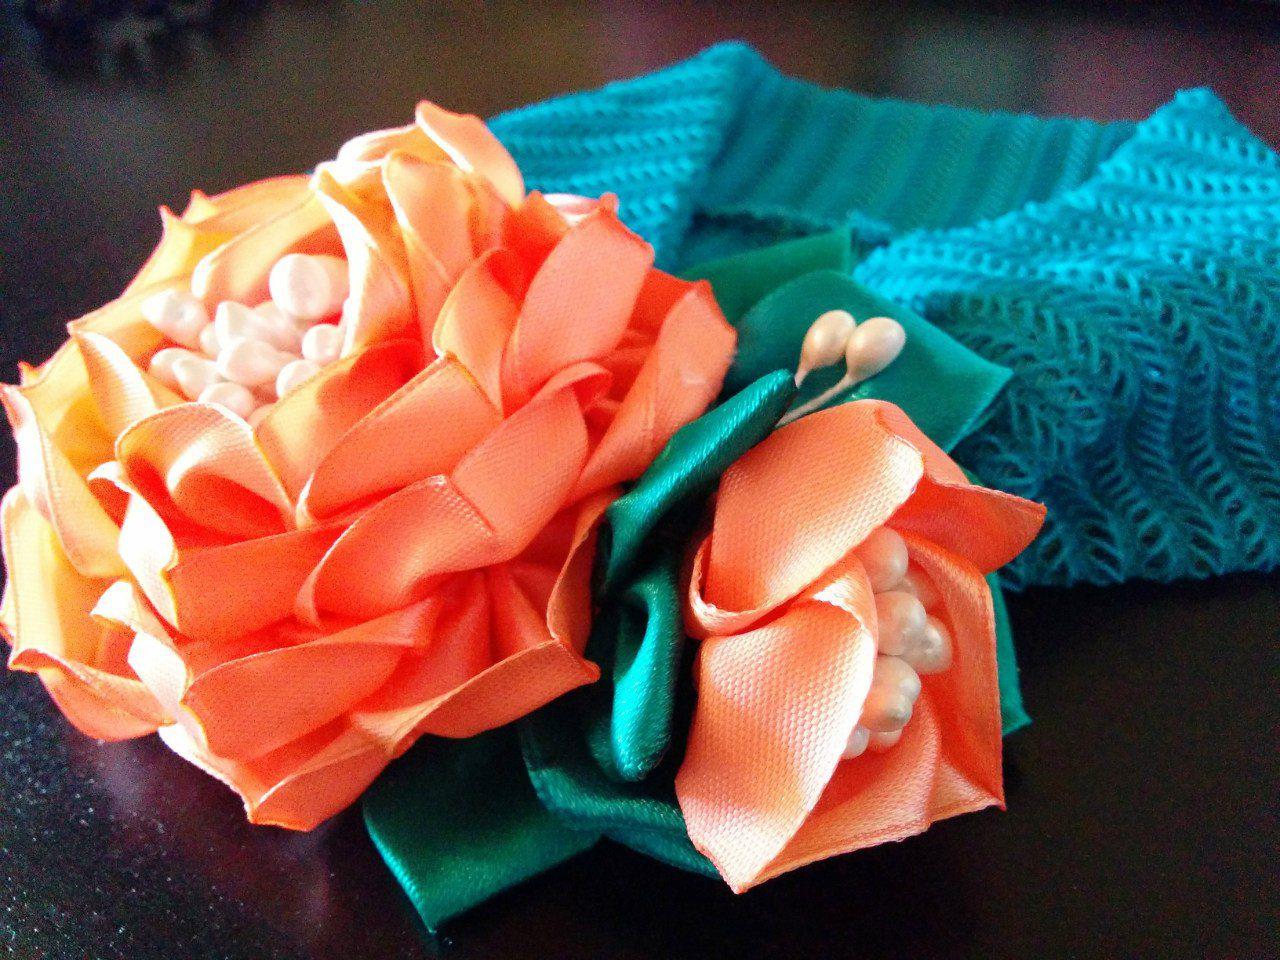 девочкам голову лент повязка для повязки волос украшения цветы подарки